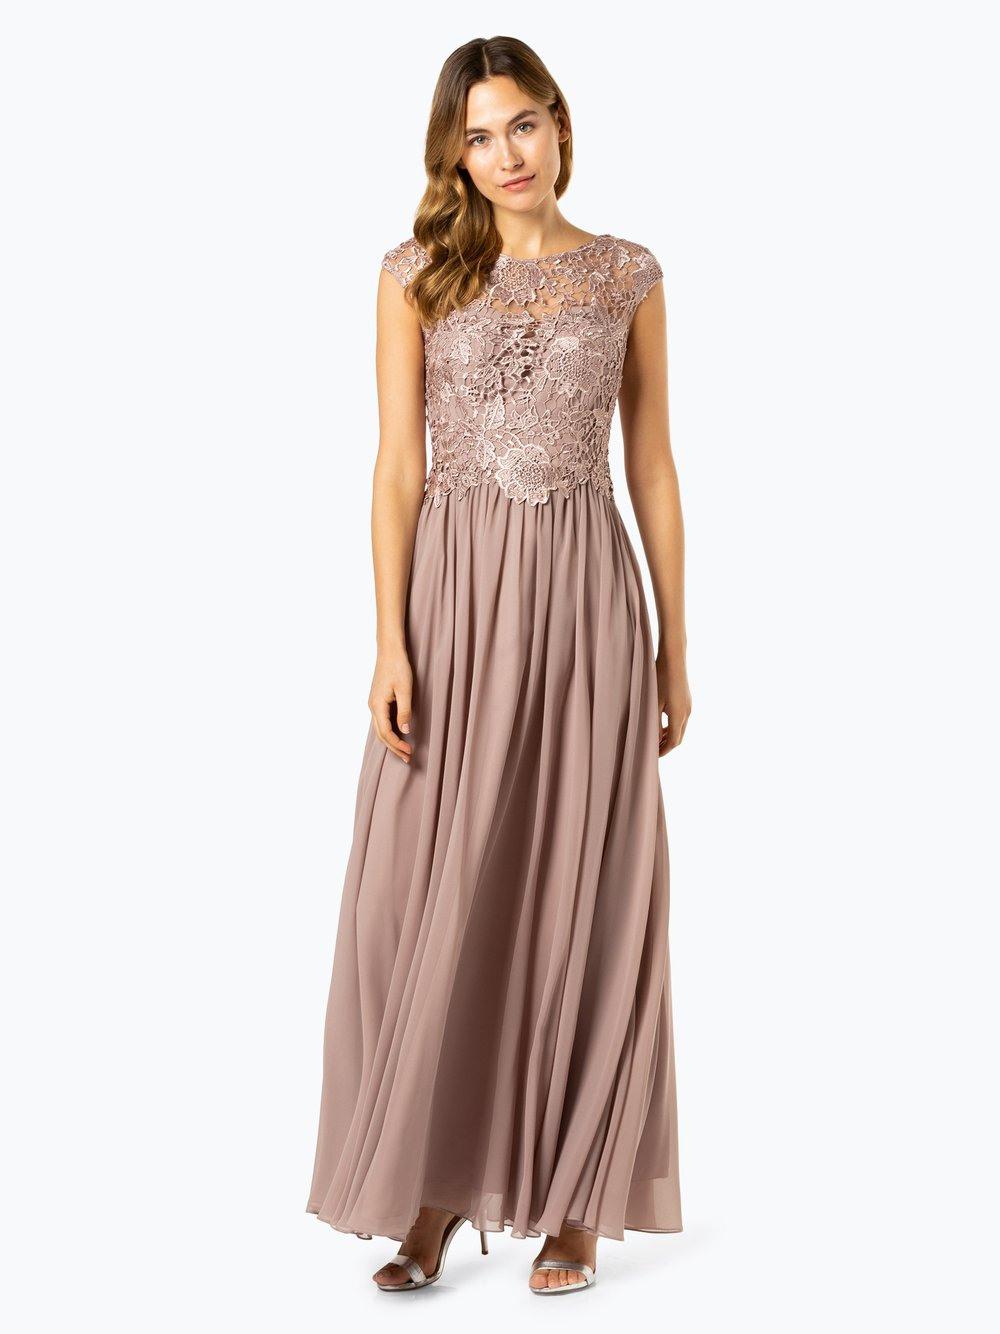 17 Erstaunlich Damen Abend Kleid Vertrieb15 Einfach Damen Abend Kleid Galerie